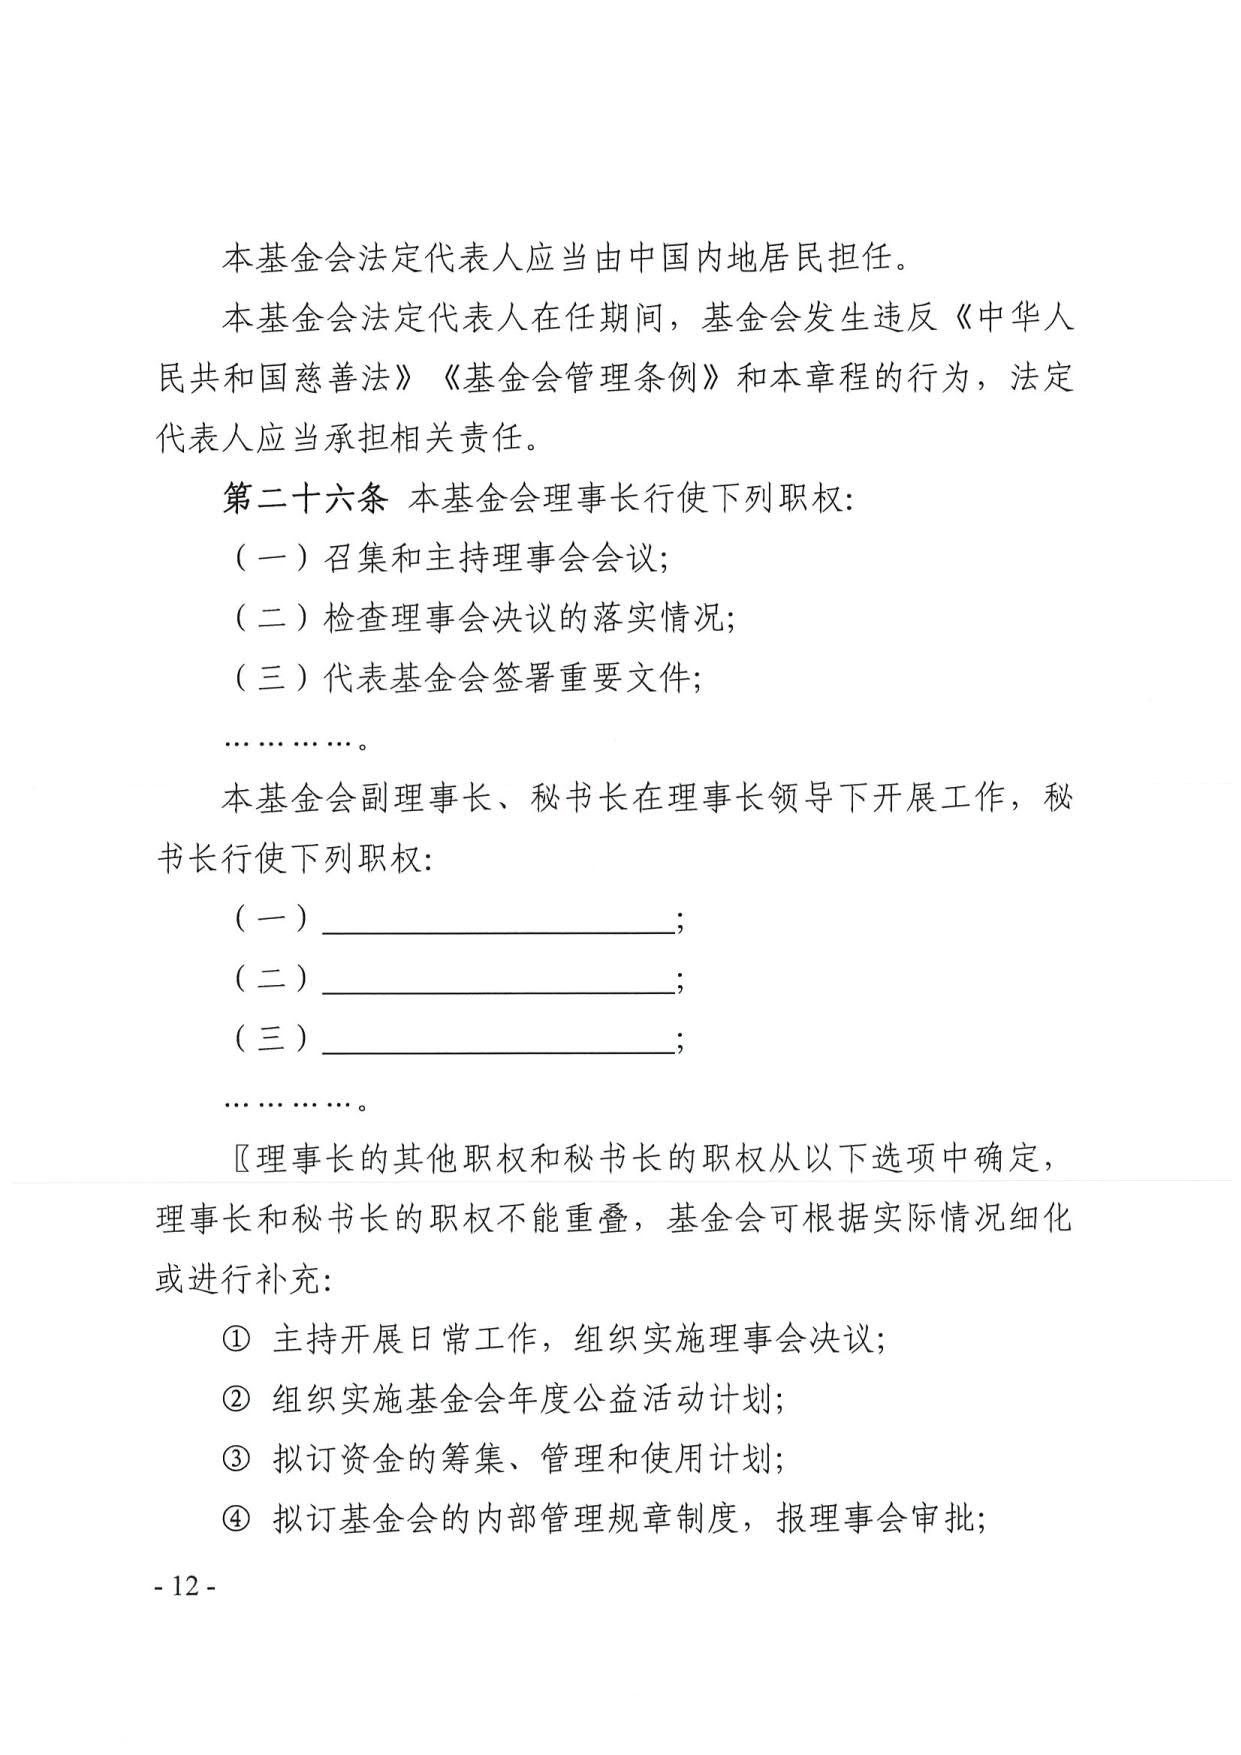 广东省民政厅关于印发《广东省基金会章程示范文本》的通知(4)_12.jpg